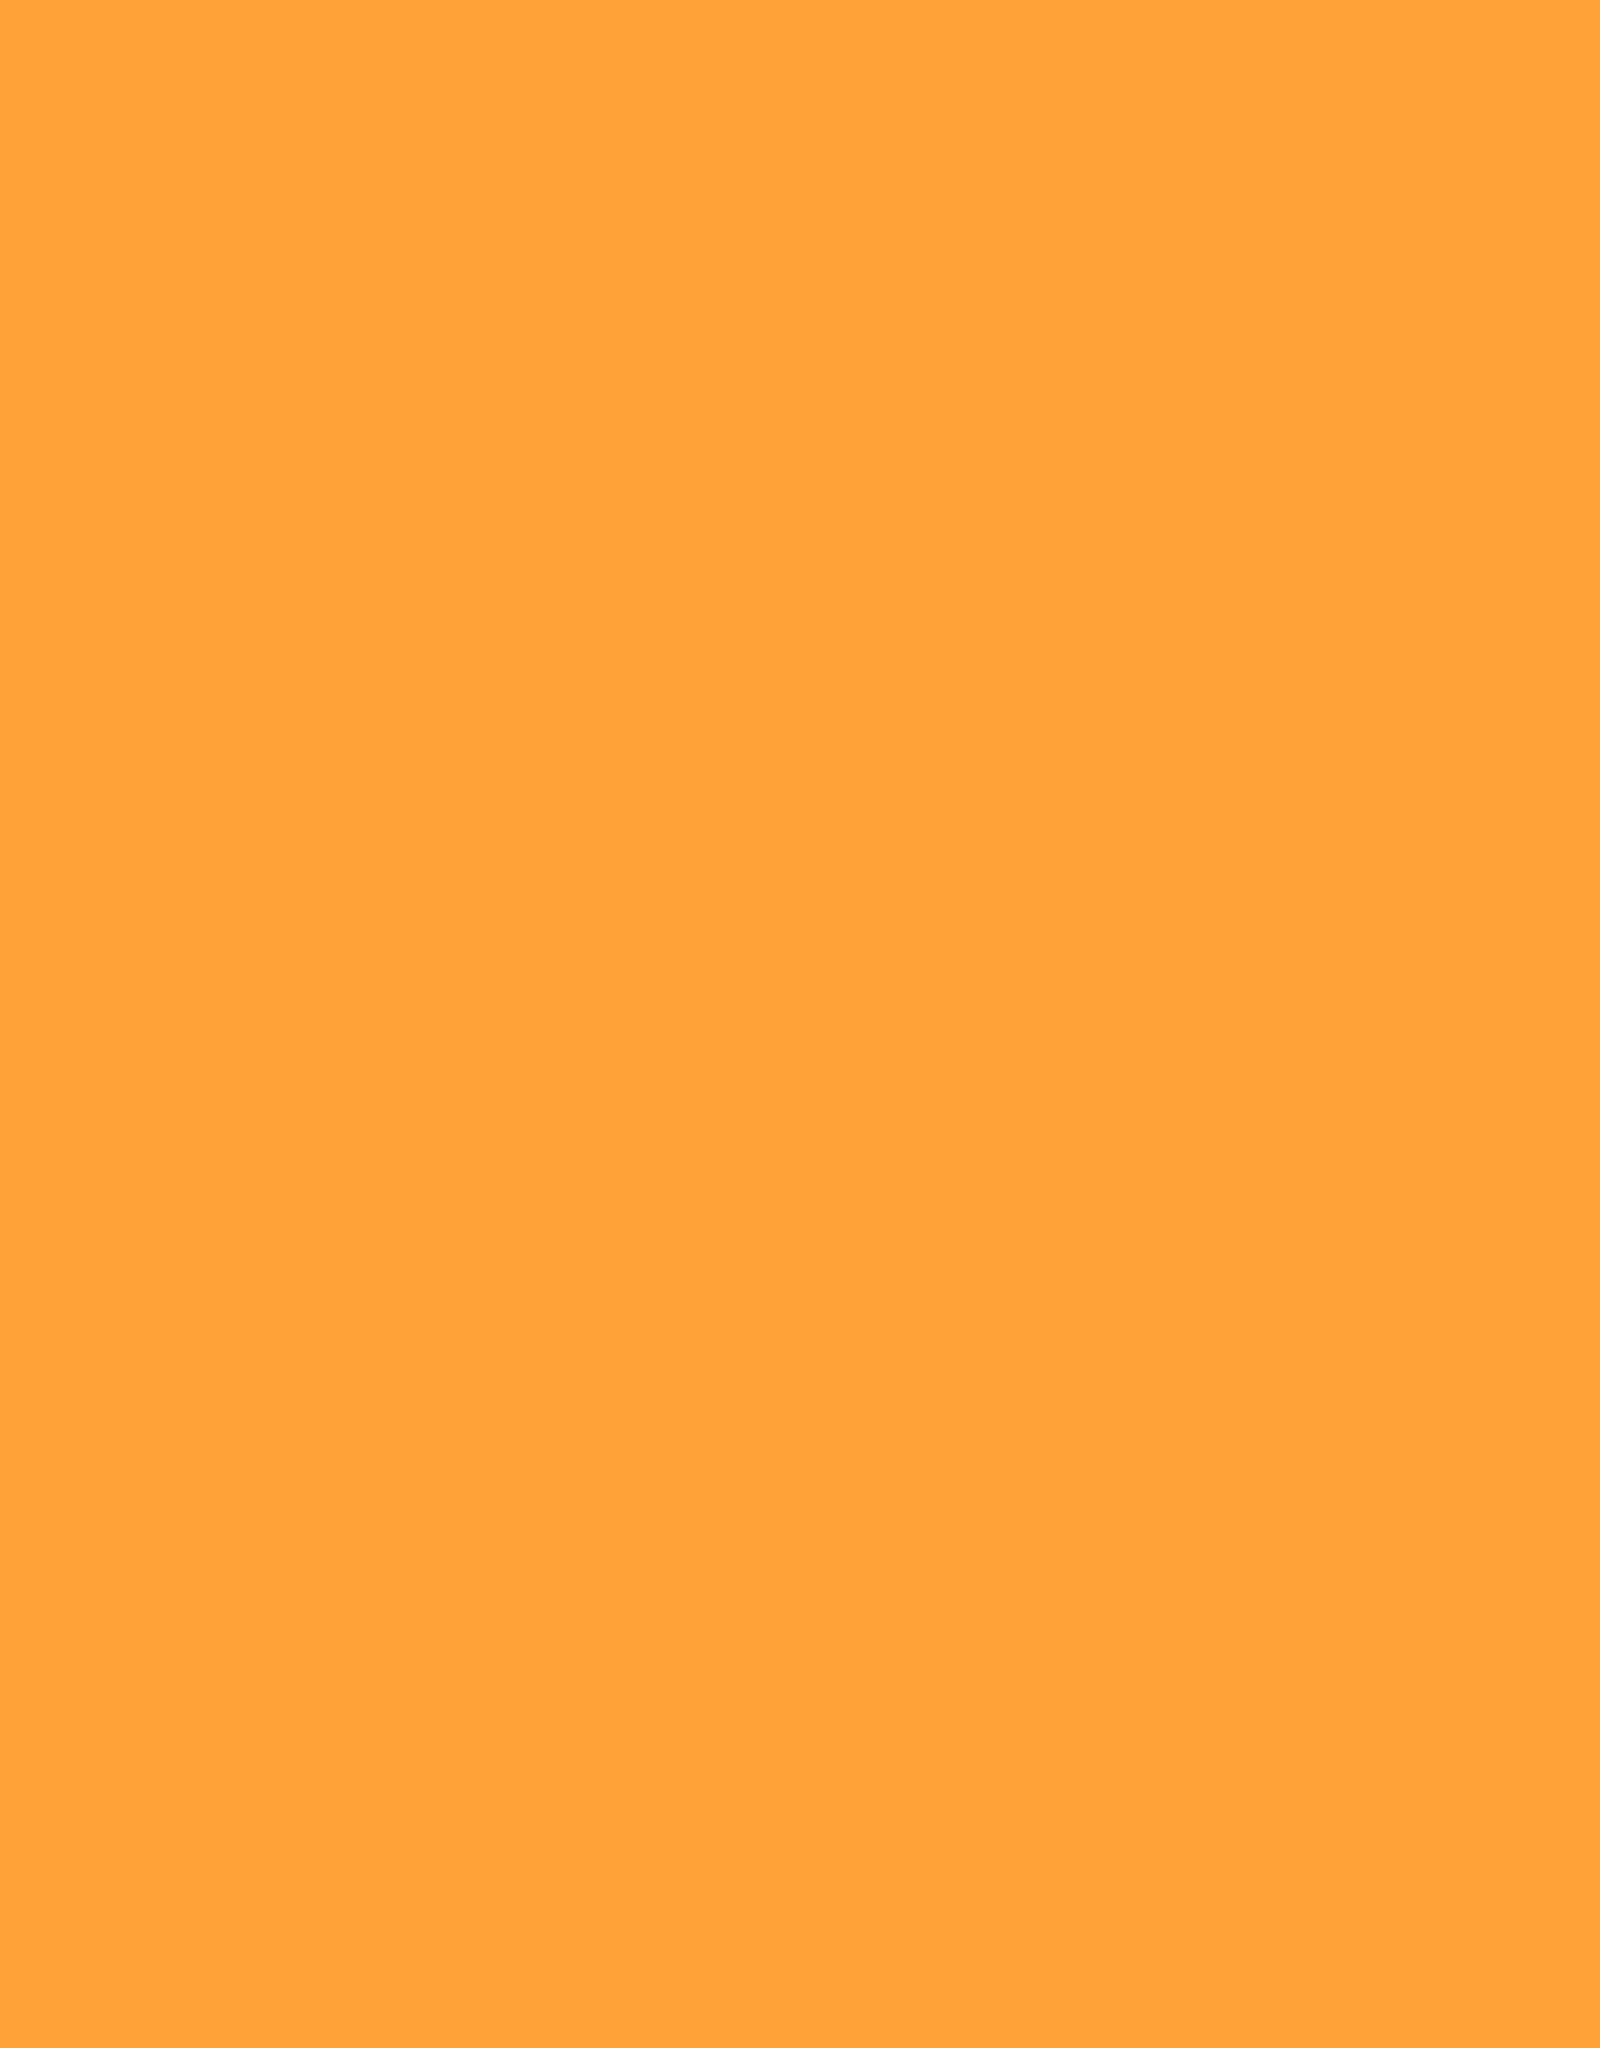 Superior Seamless Superior Seamless 9' Yellow-Orange #35